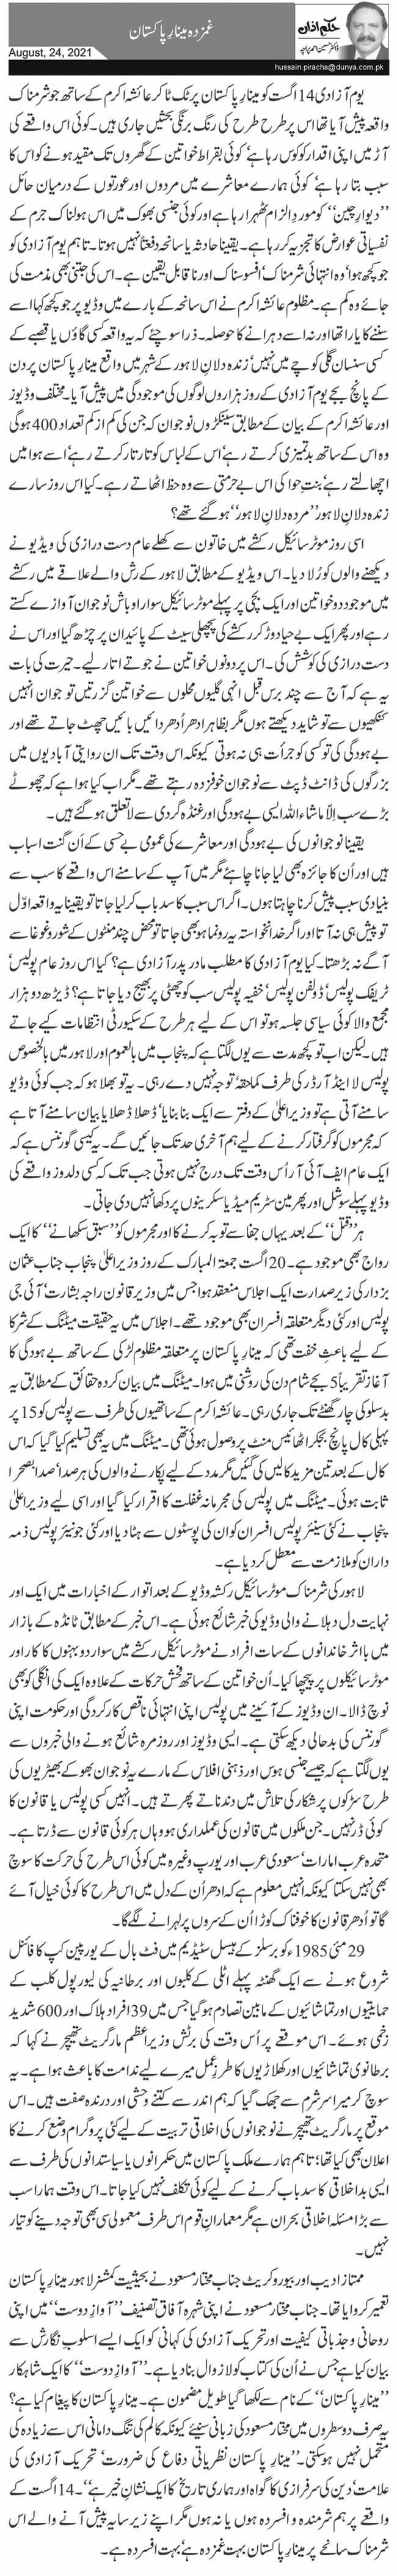 غمزدہ مینارِ پاکستان